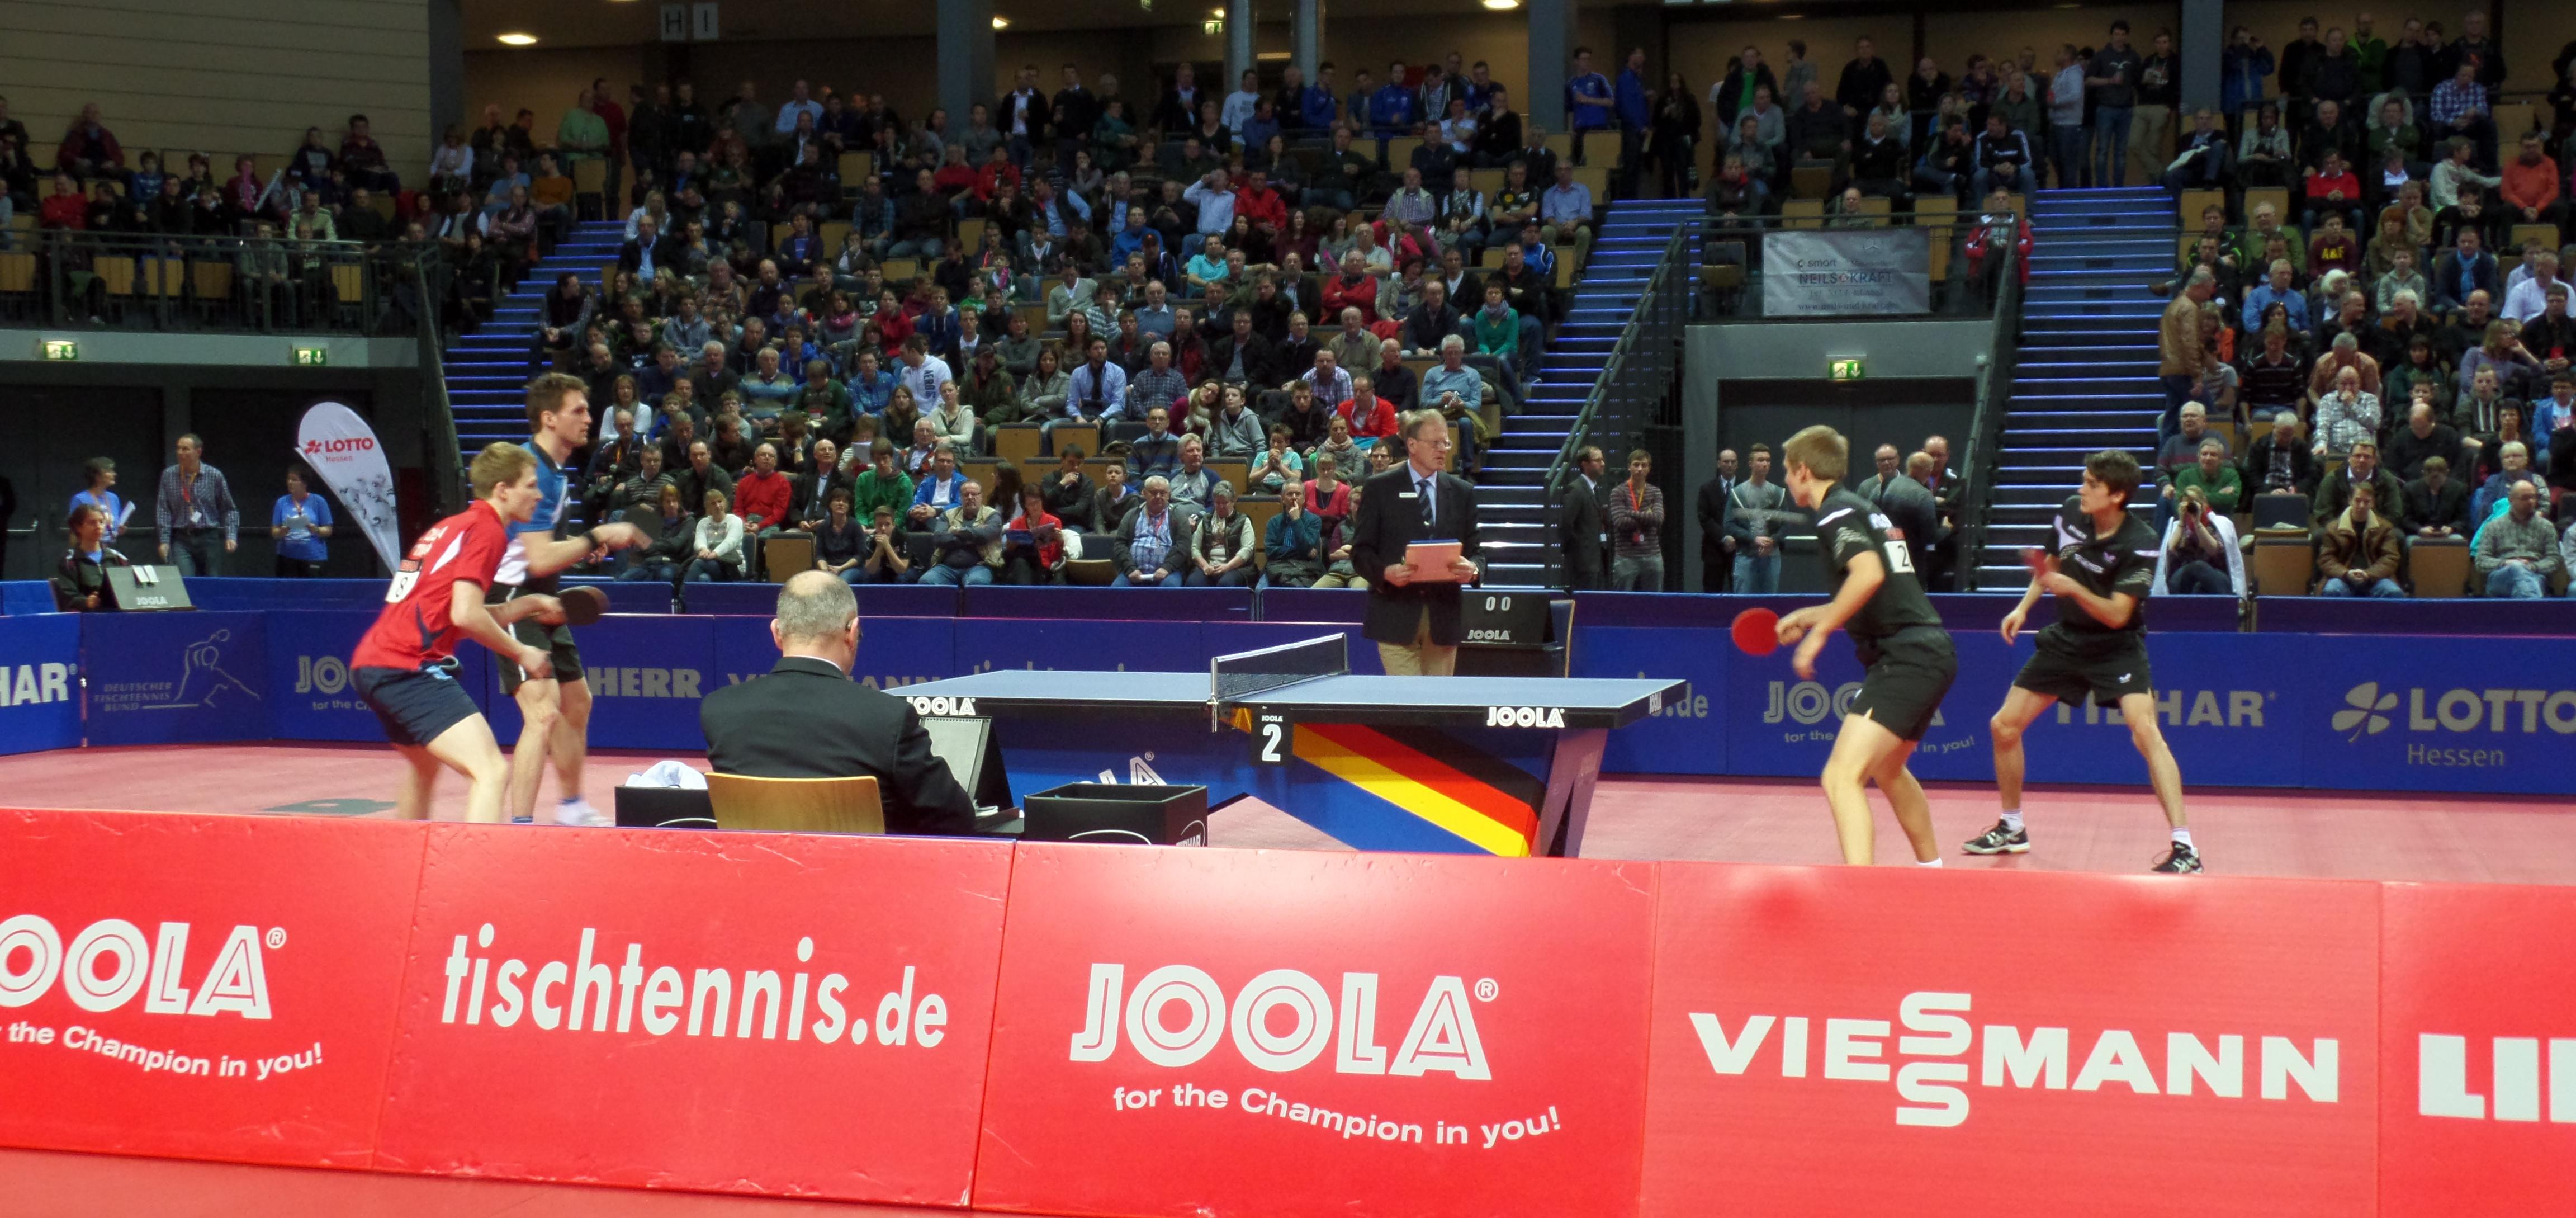 images/Einspielen vor dem Halbfinale.jpg